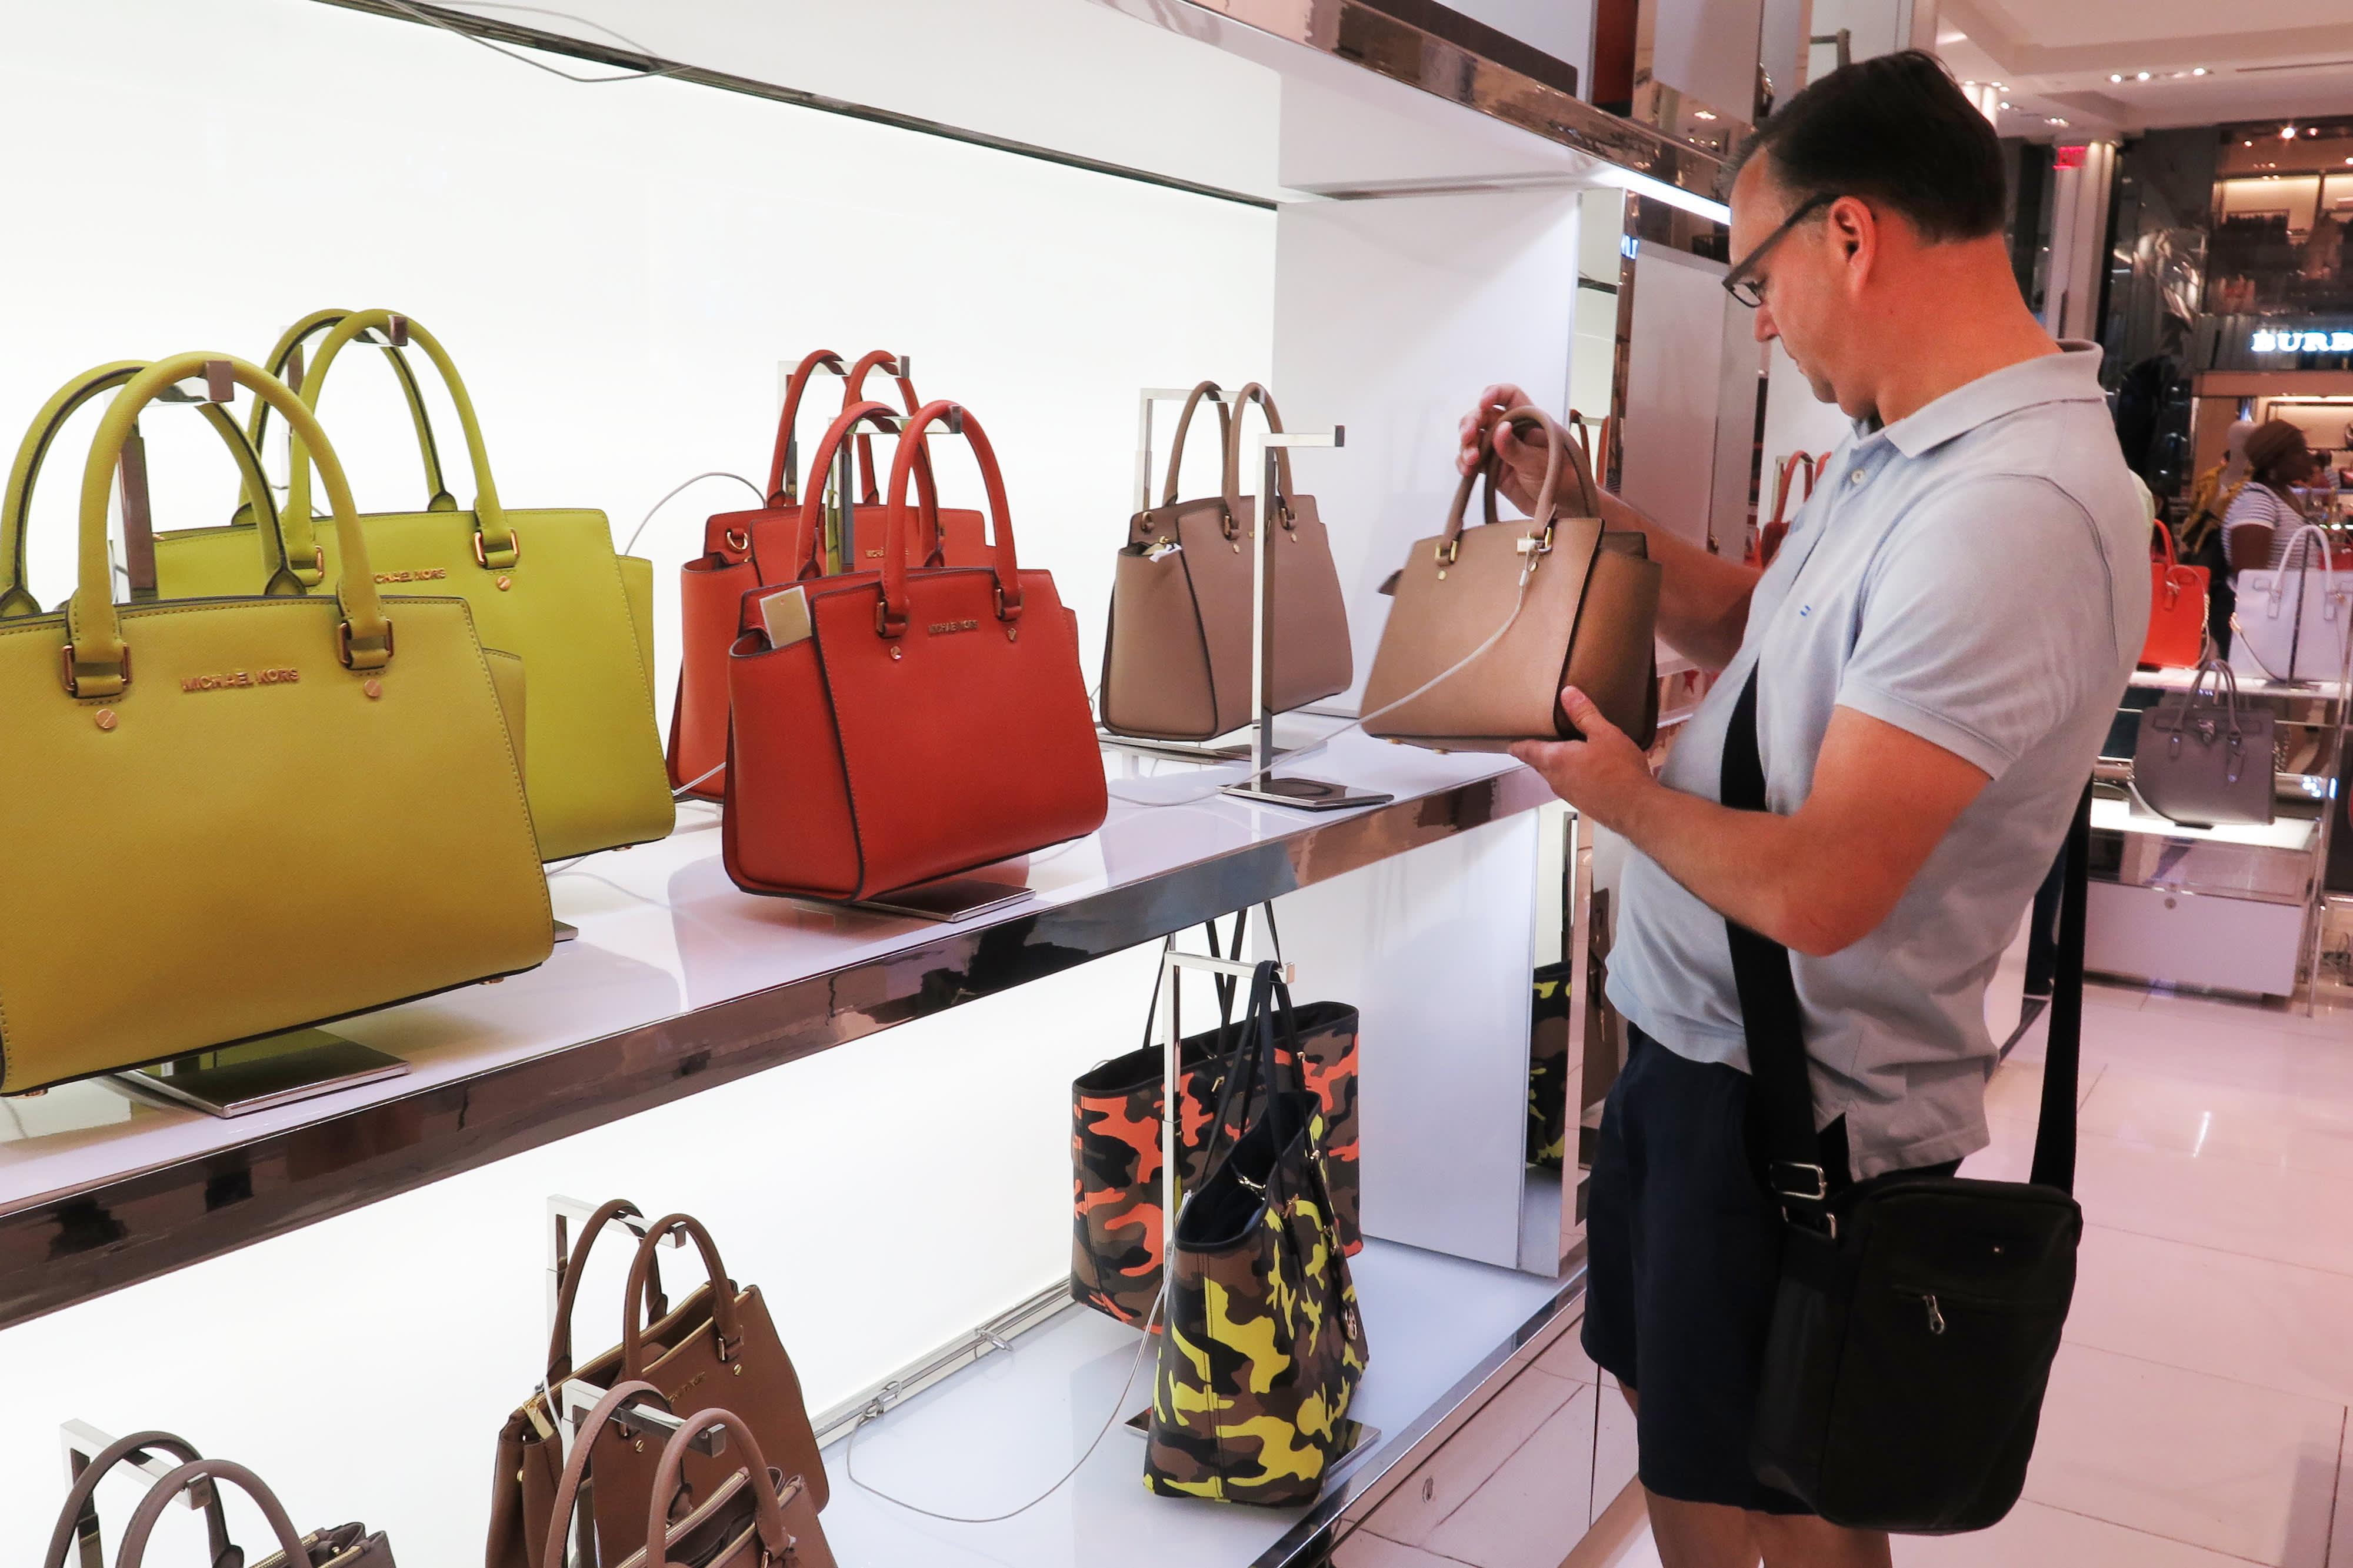 macys coach purses and handbags michael kors eyeglasses case